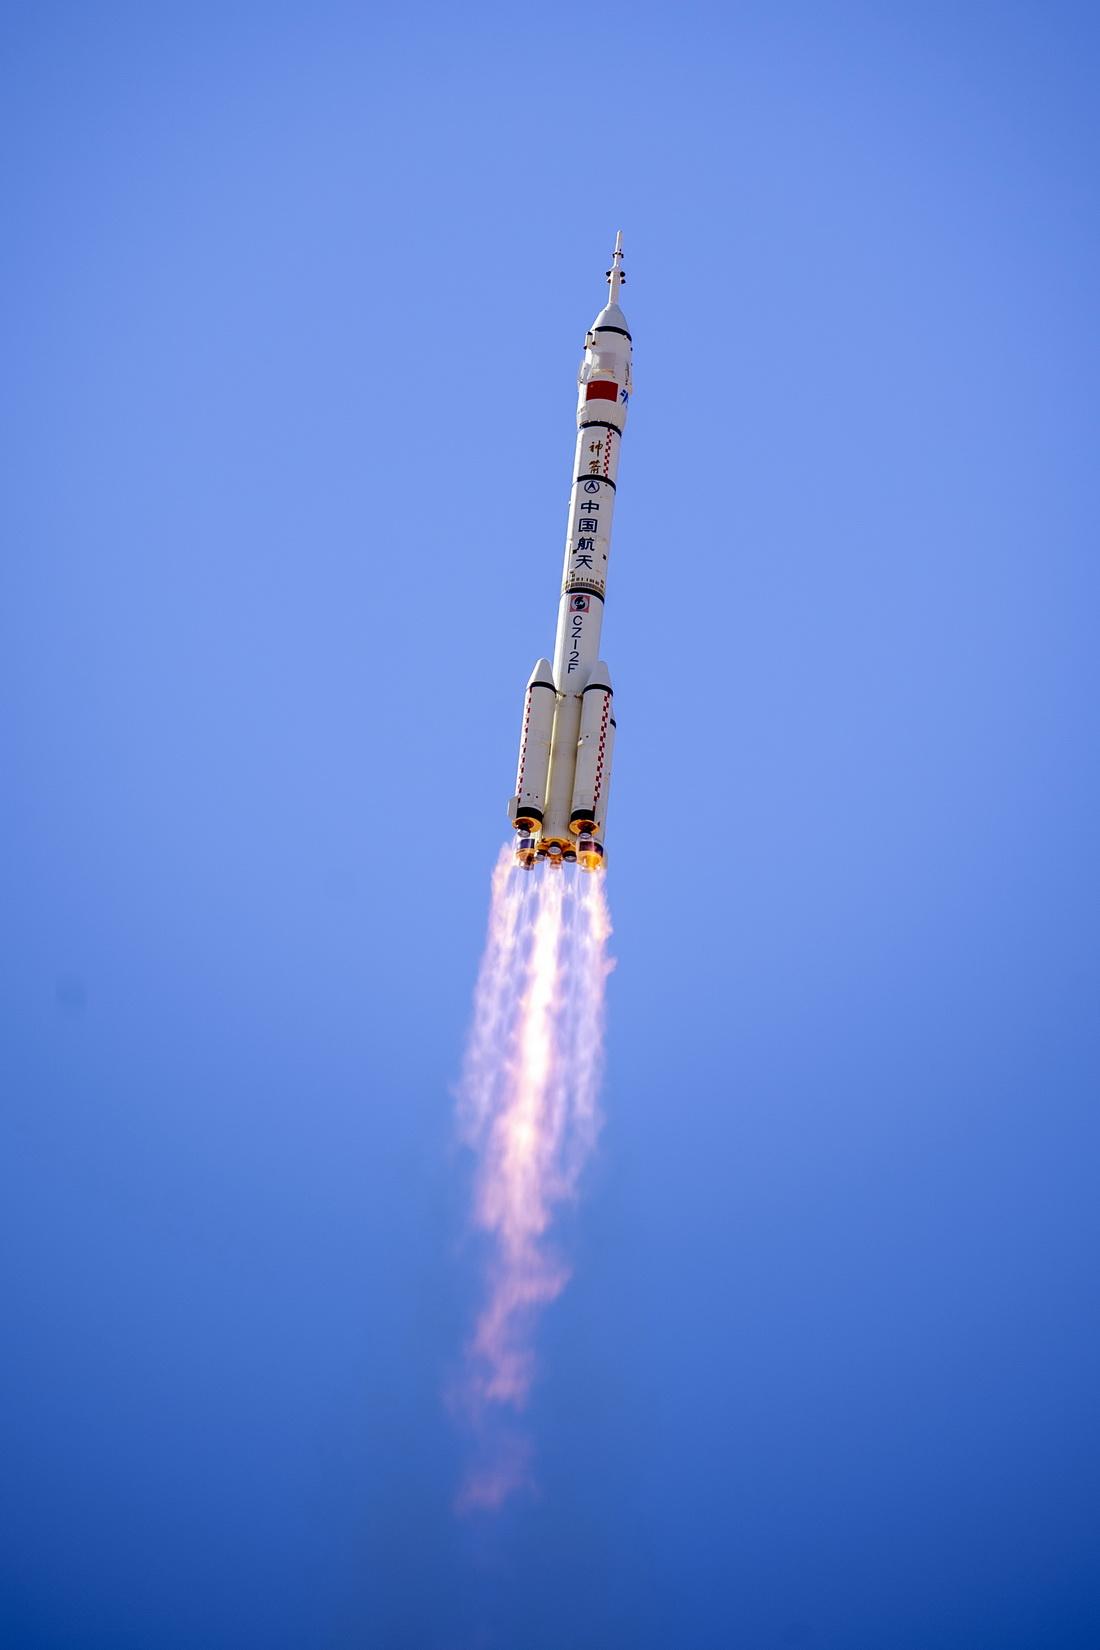 2021年6月17日,搭载着神舟十二号载人飞船的长征二号F遥十二运载火箭在酒泉卫星发射中心点火升空。